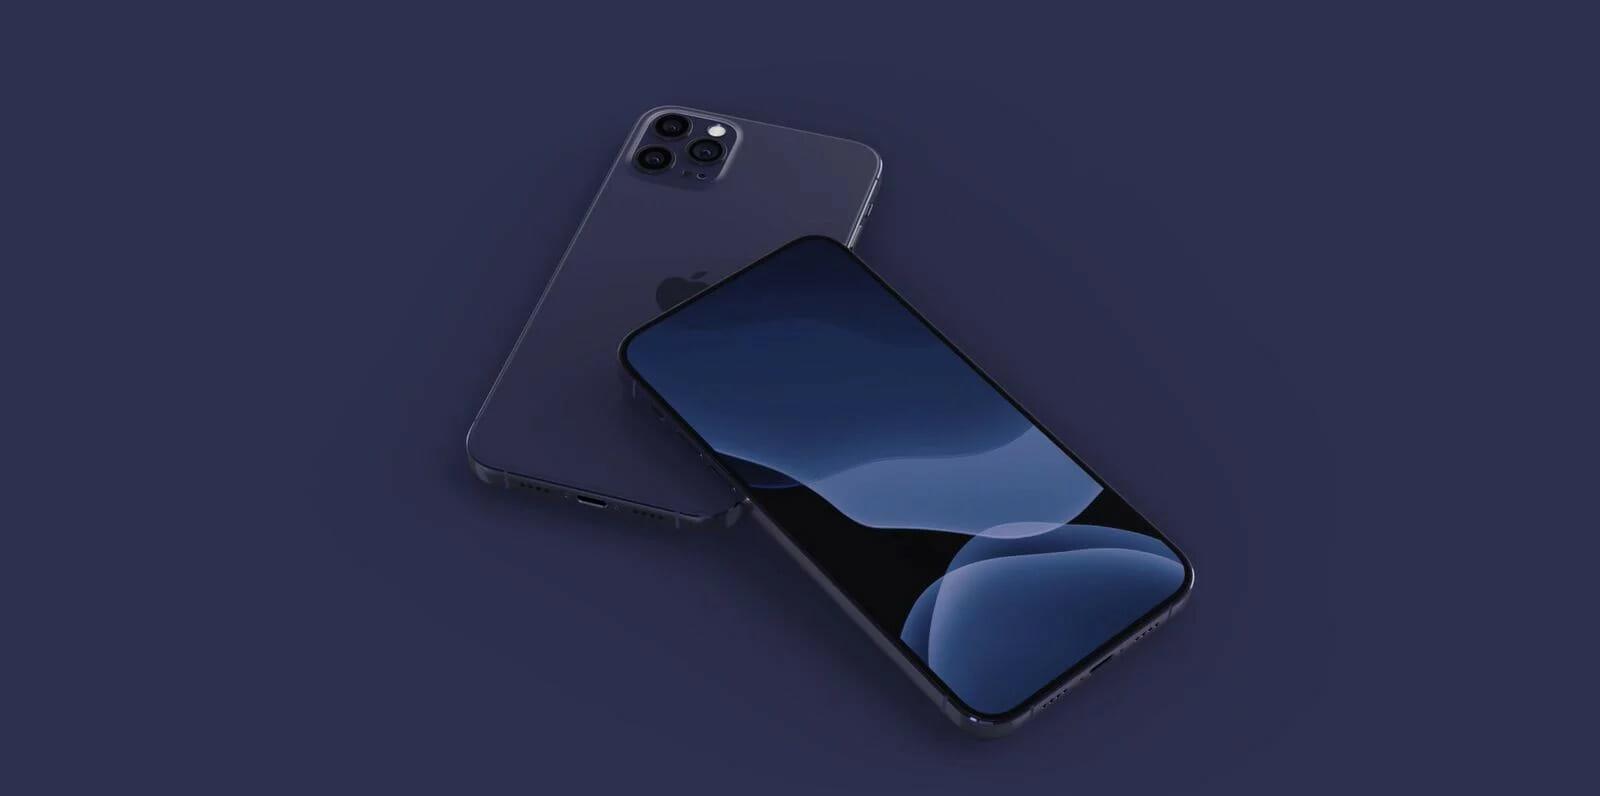 IPhone 2020 akan tersedia dalam warna biru tua 1